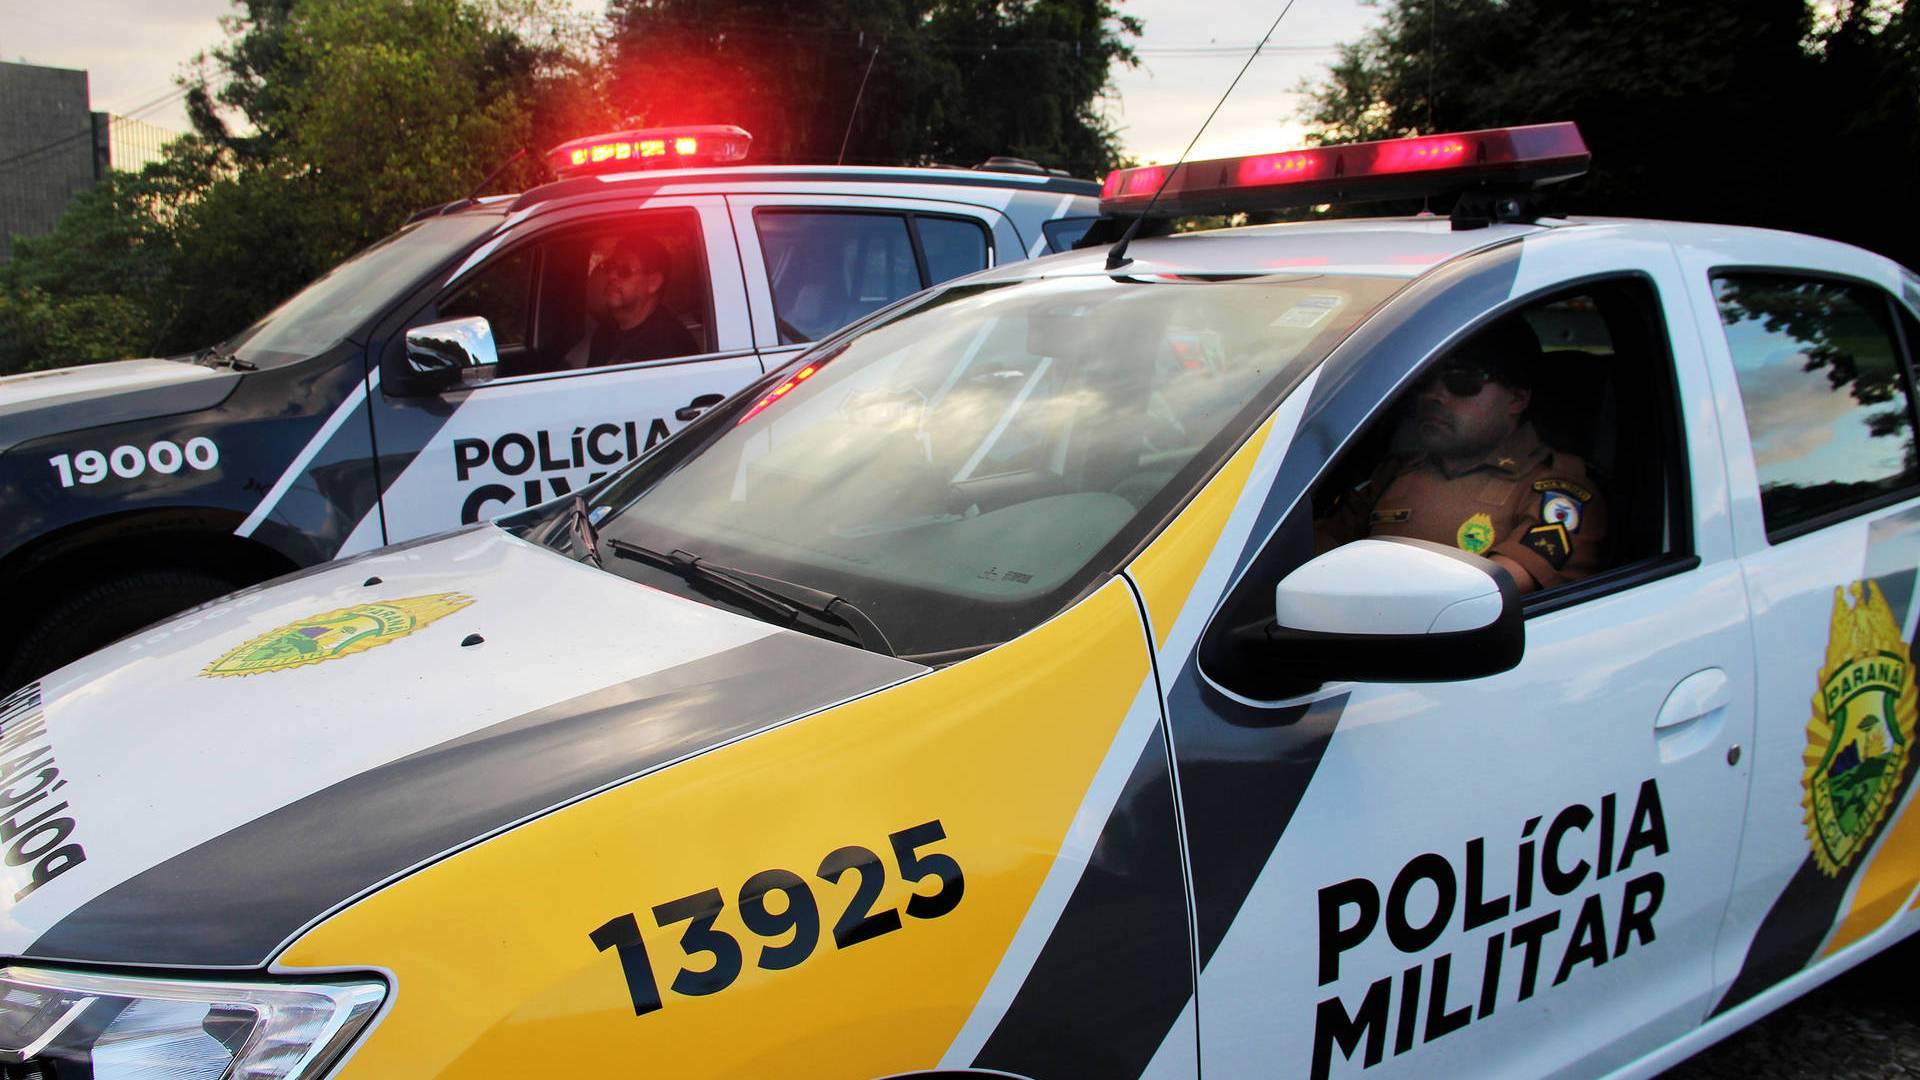 Paraná registra queda de quase 7 mil ocorrências de furtos e roubos no primeiro semestre